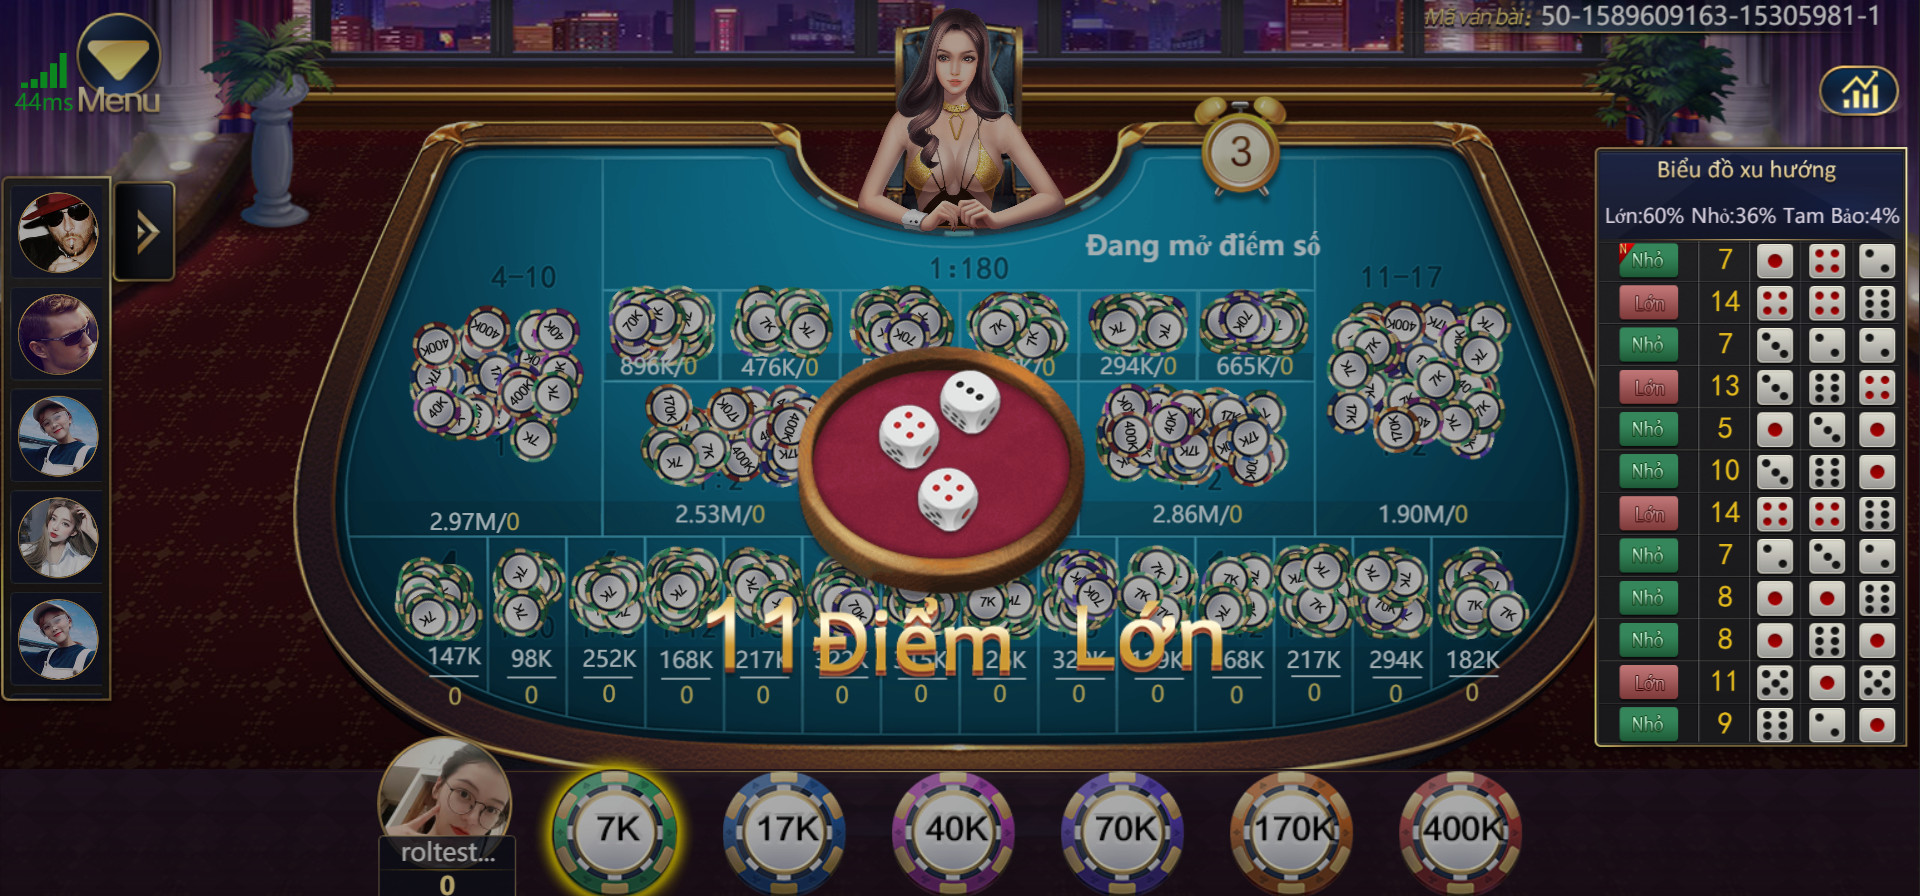 Giao diện game Sicbo tại nhà cái 7ballBET